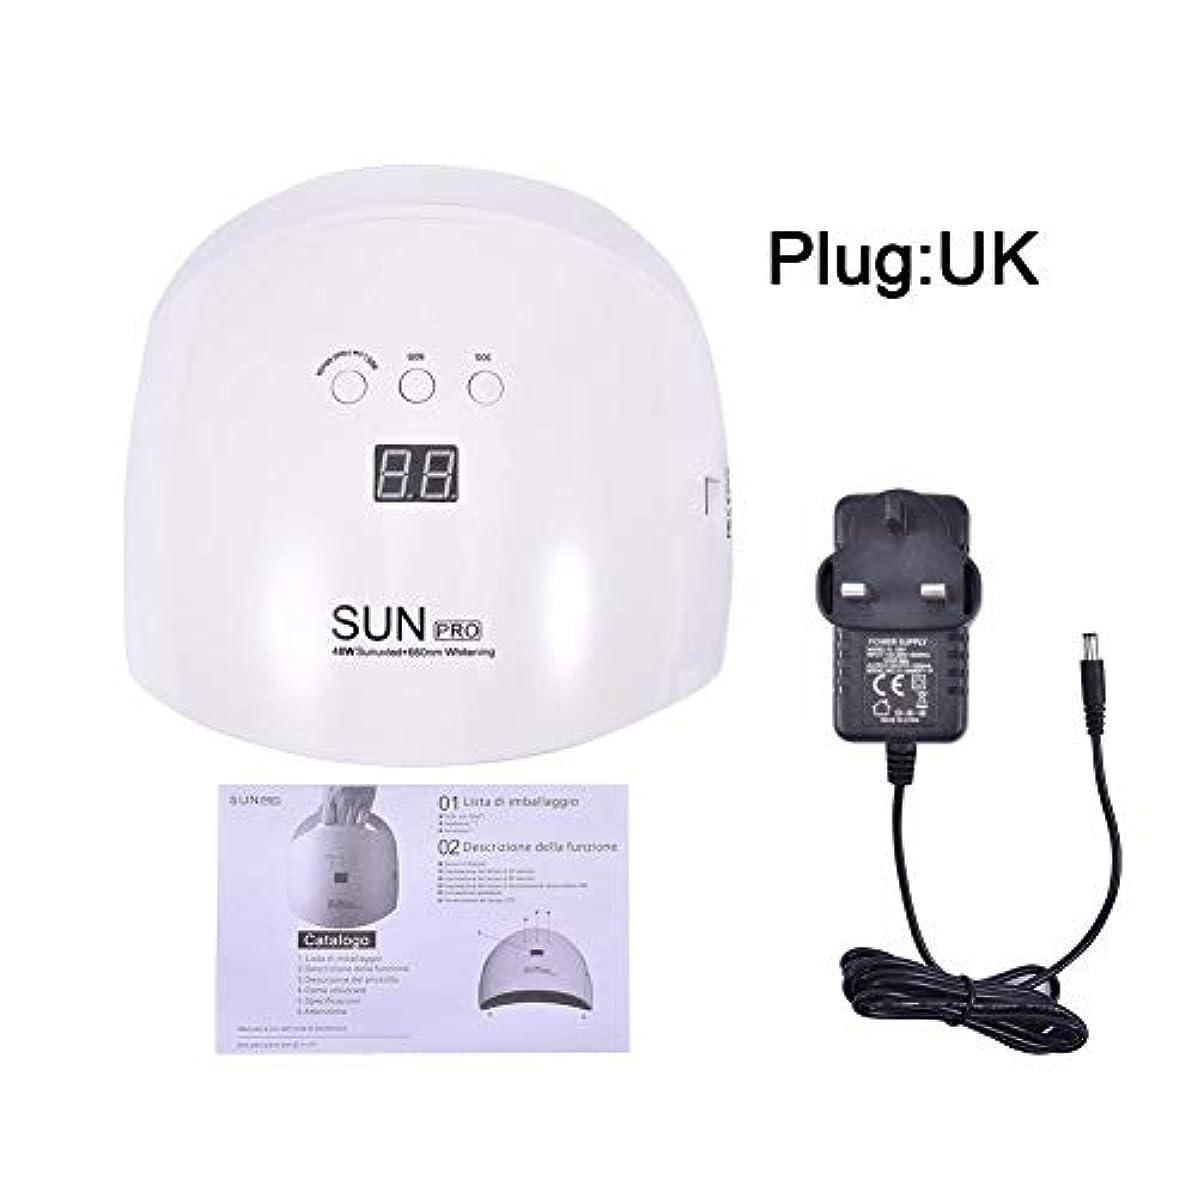 トマト面倒怖がって死ぬ48W Dual Light Source Nail Light Therapy Lamp 23 LED Induction Nail Dryer Suitable For All Gel Nails Beauty And...